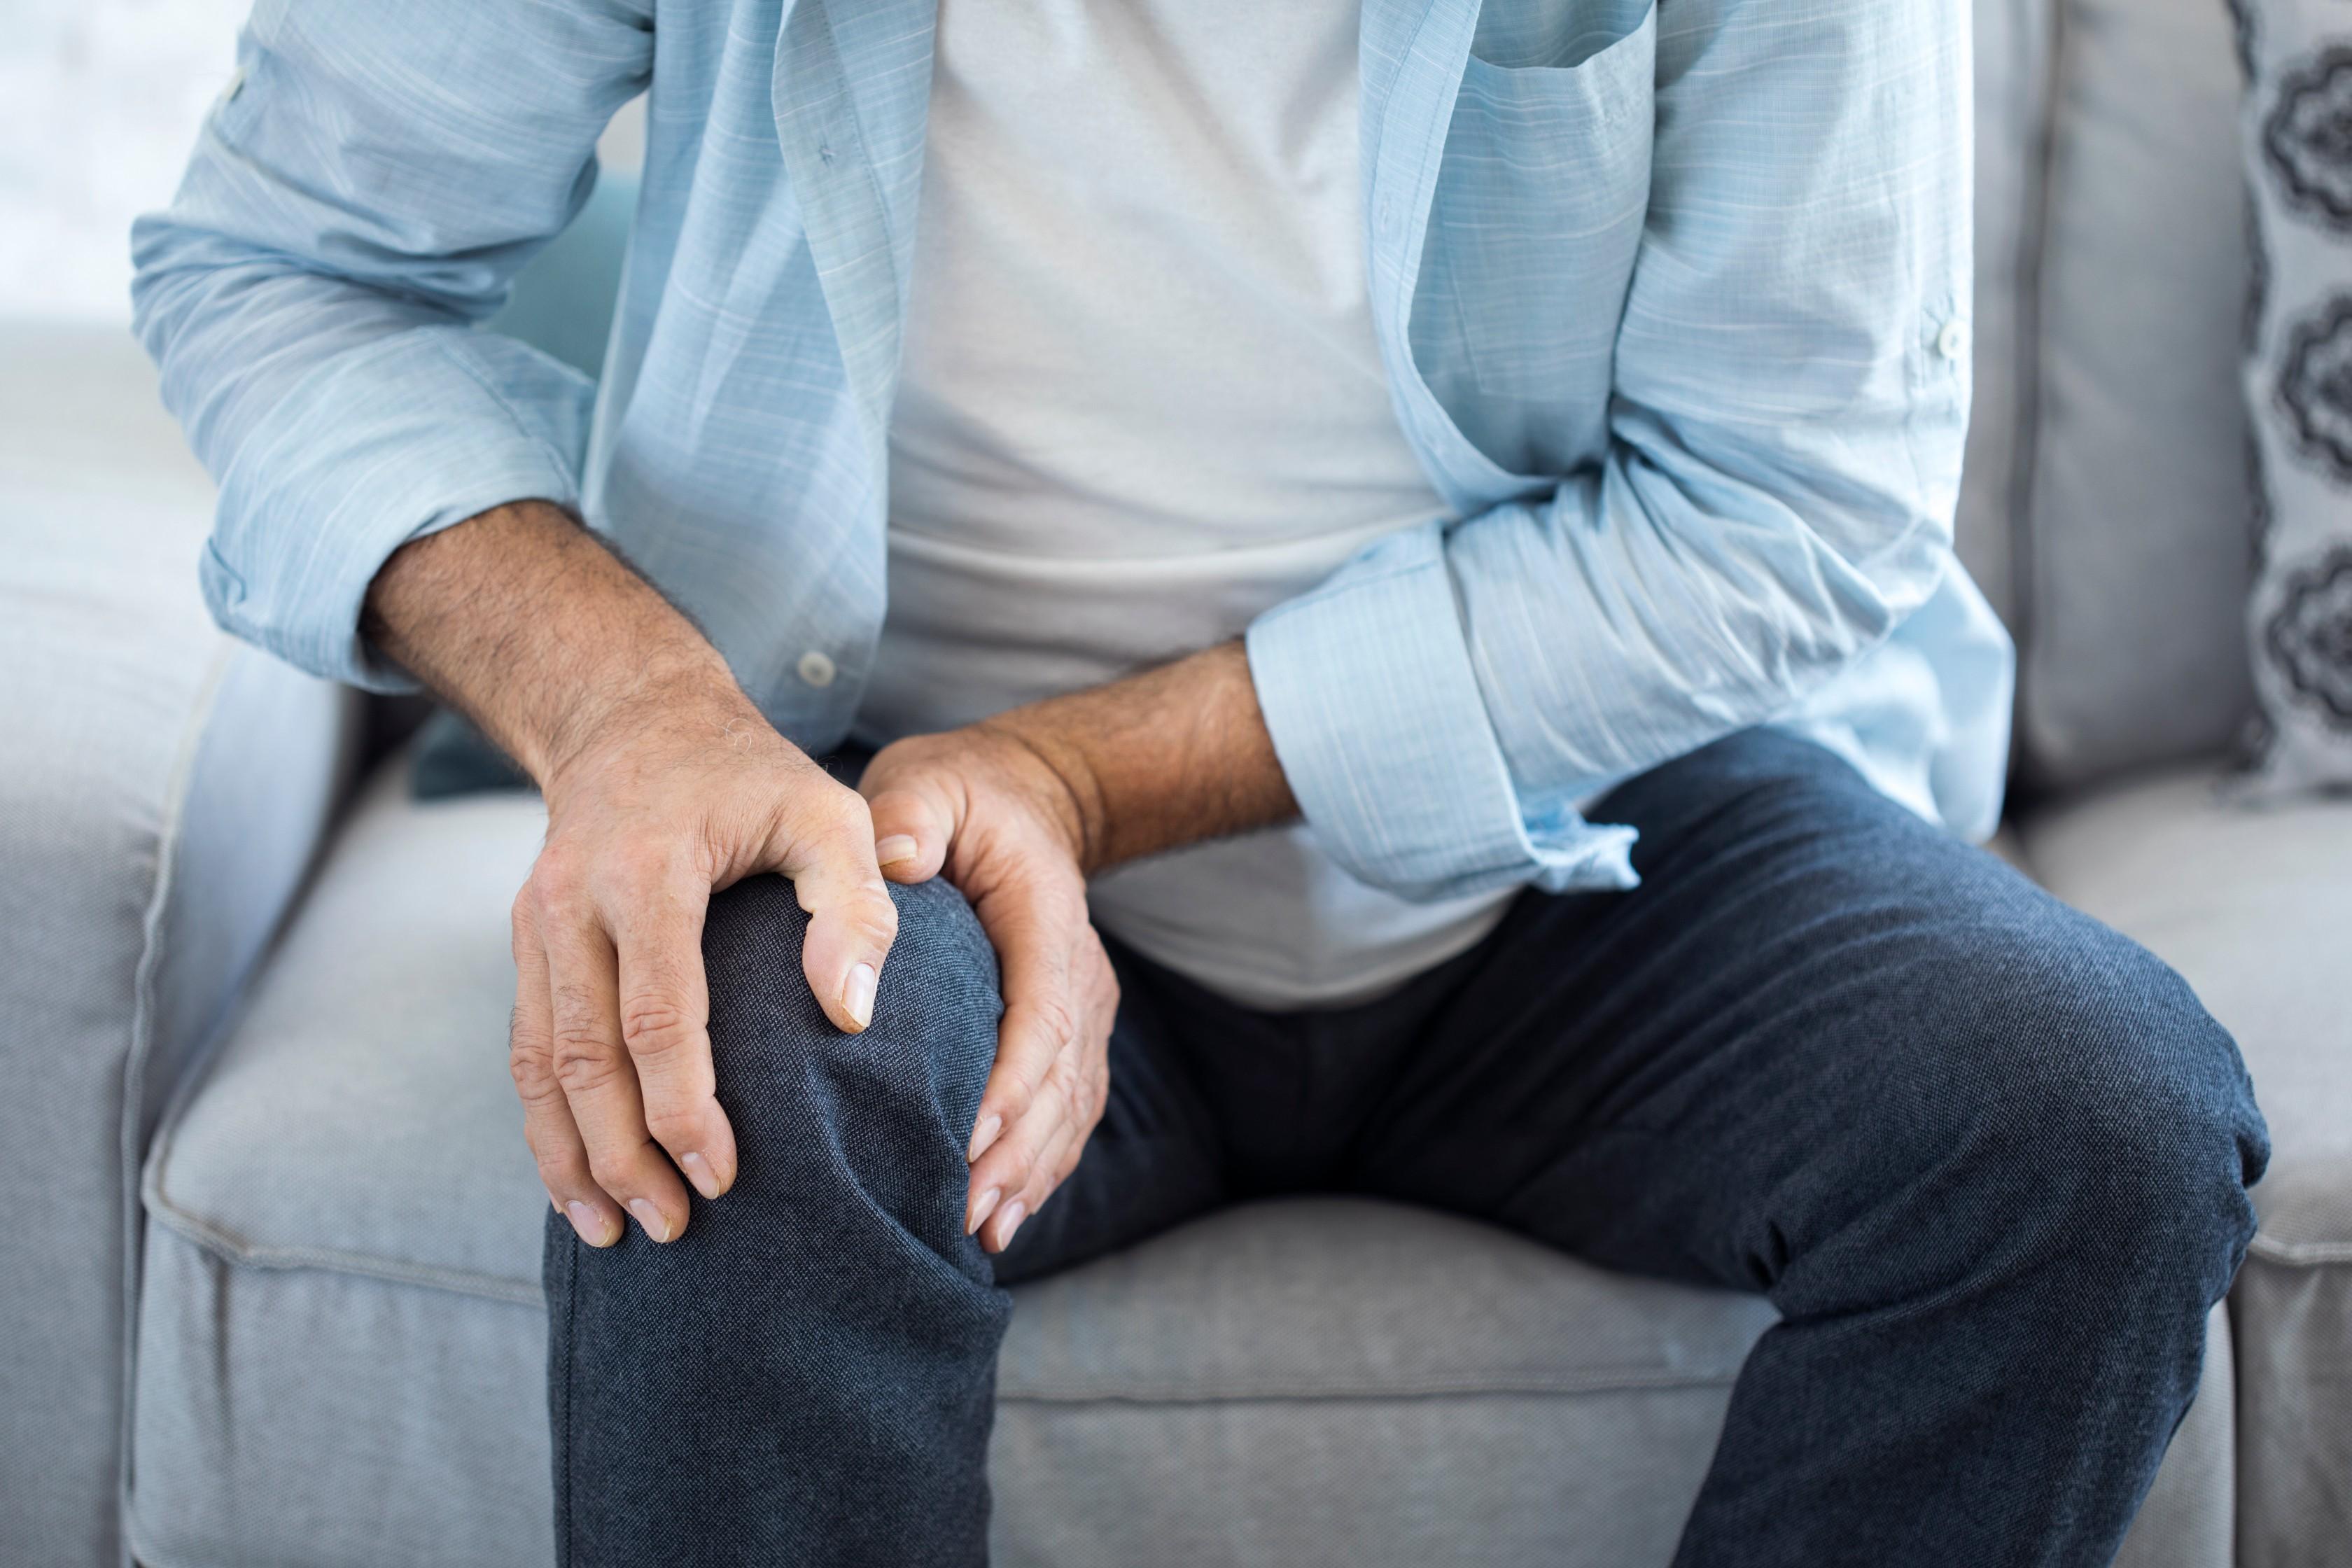 fájdalom a lábak és a kezek ízületeiben - okokat okoz fájdalom a könyökízületben, amikor megnyomják